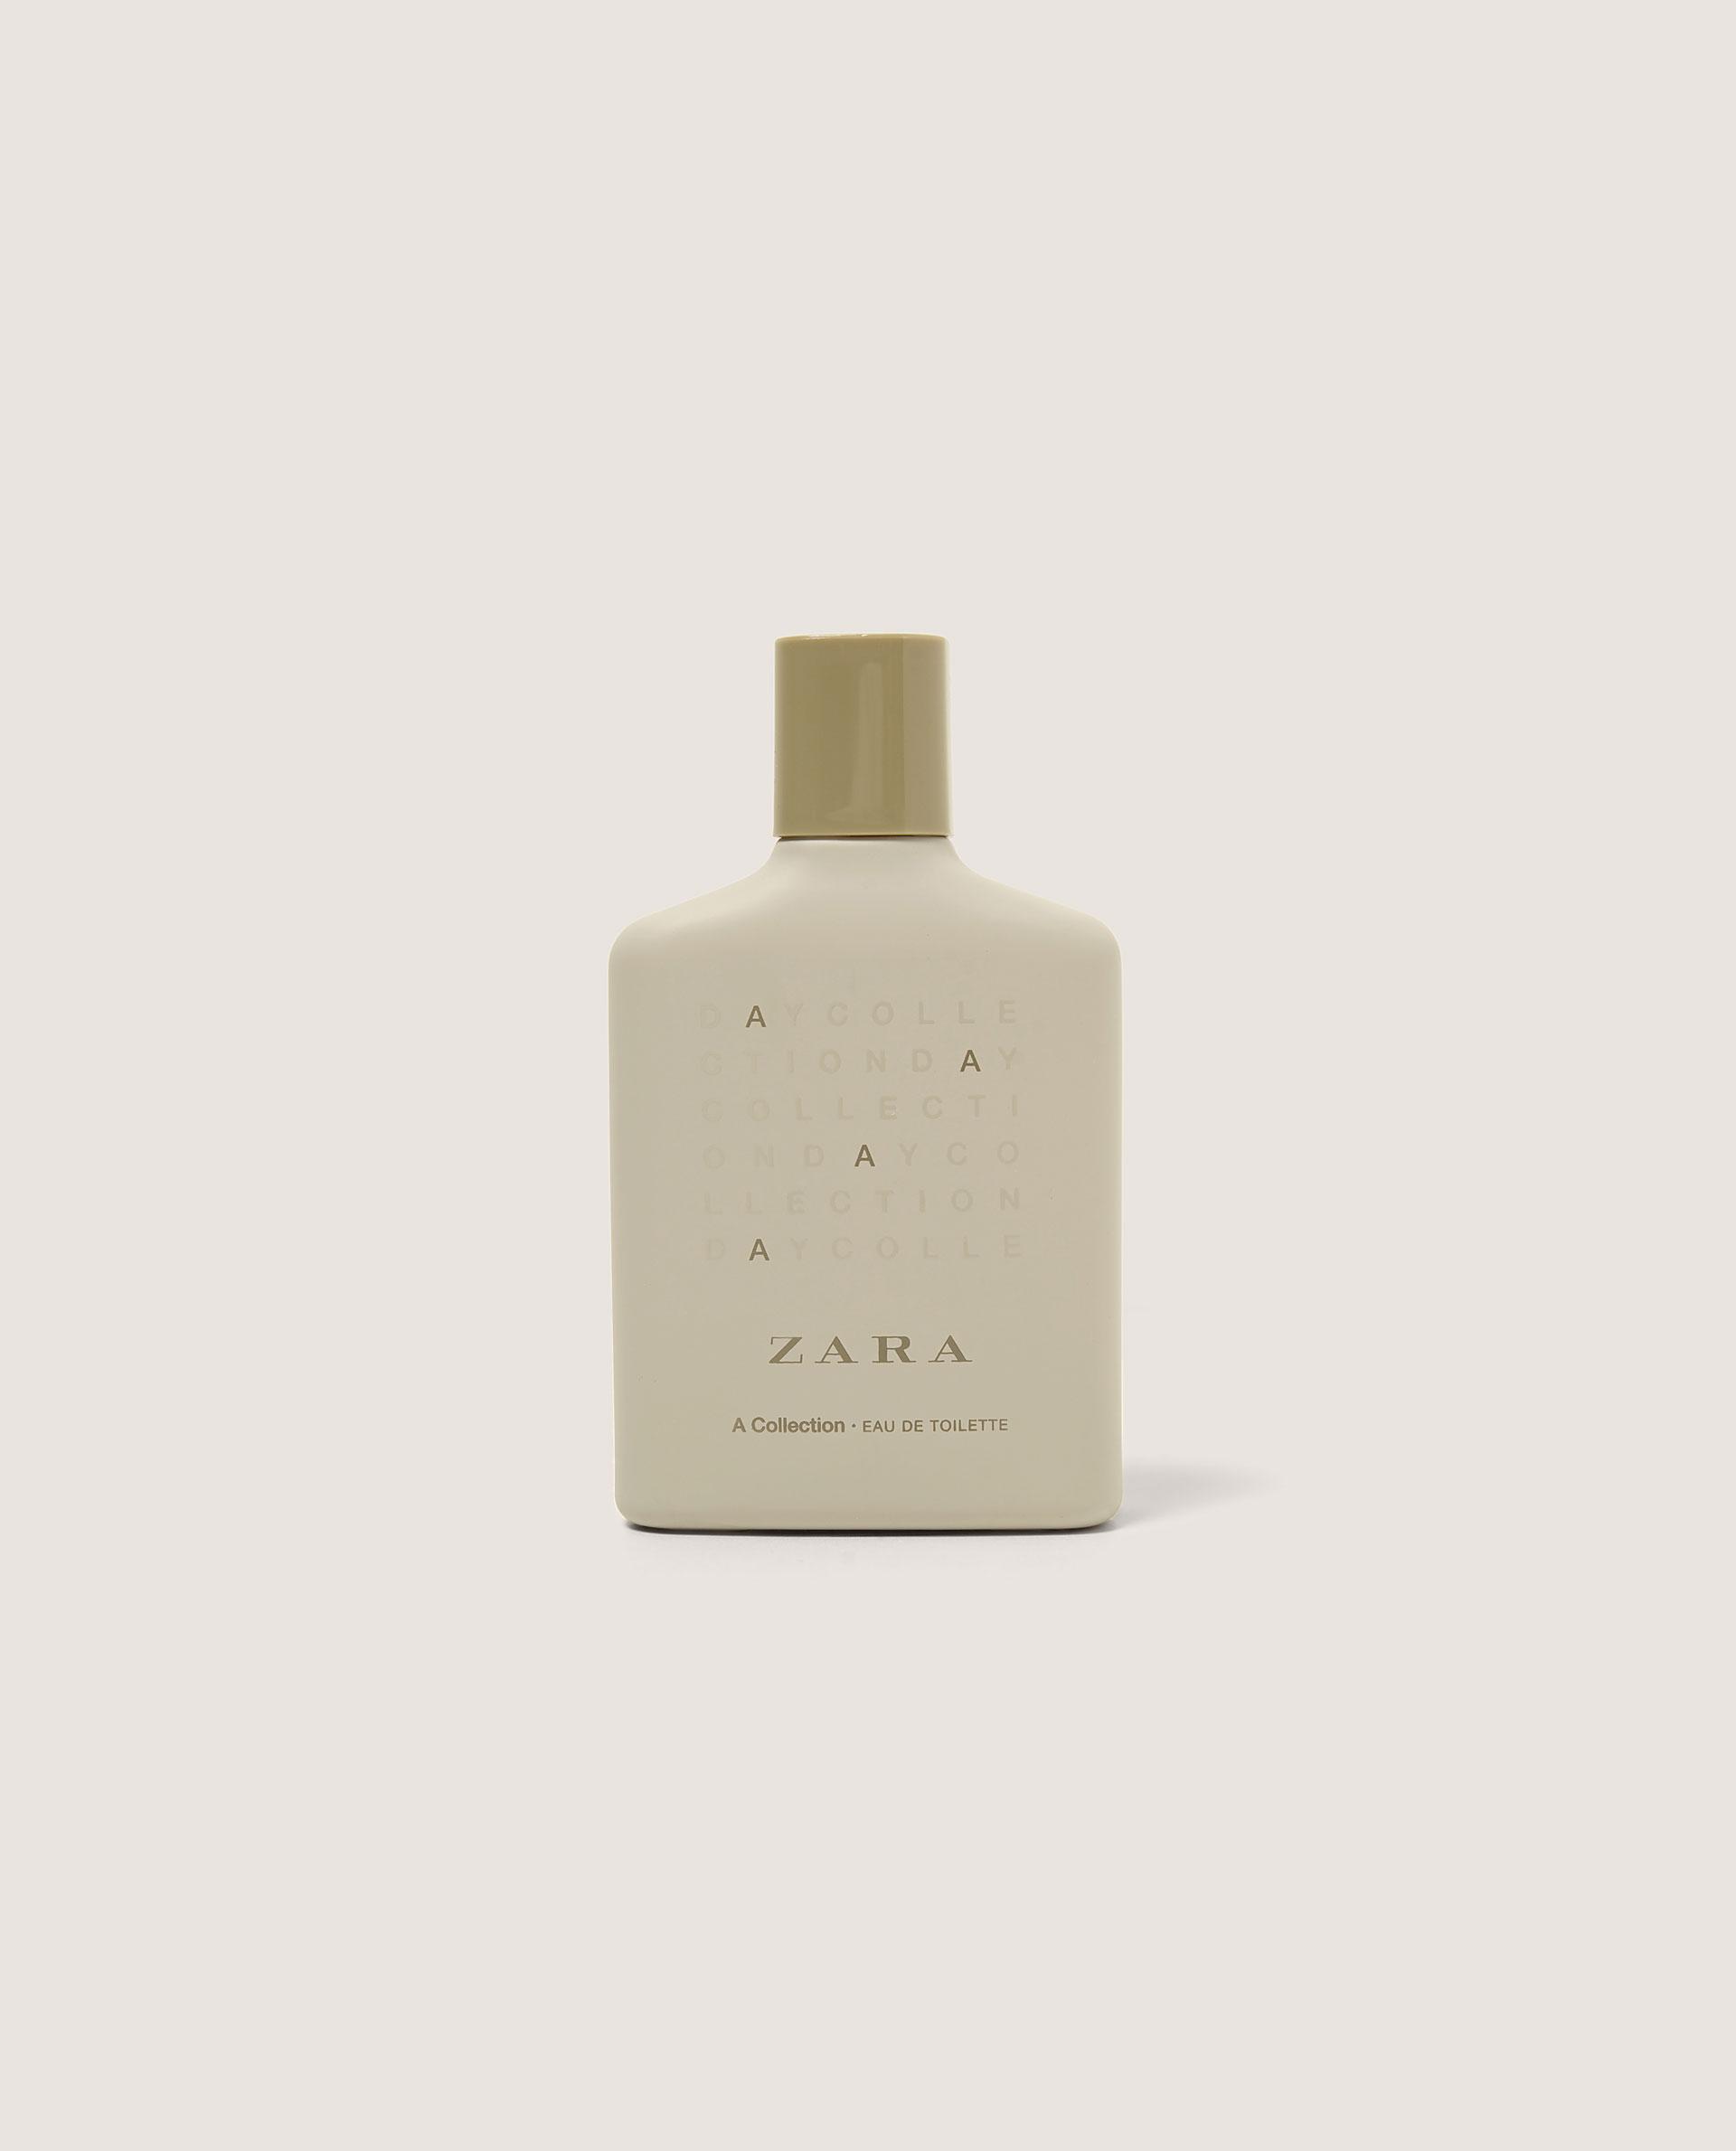 a collection zara cologne un nouveau parfum pour homme 2017. Black Bedroom Furniture Sets. Home Design Ideas